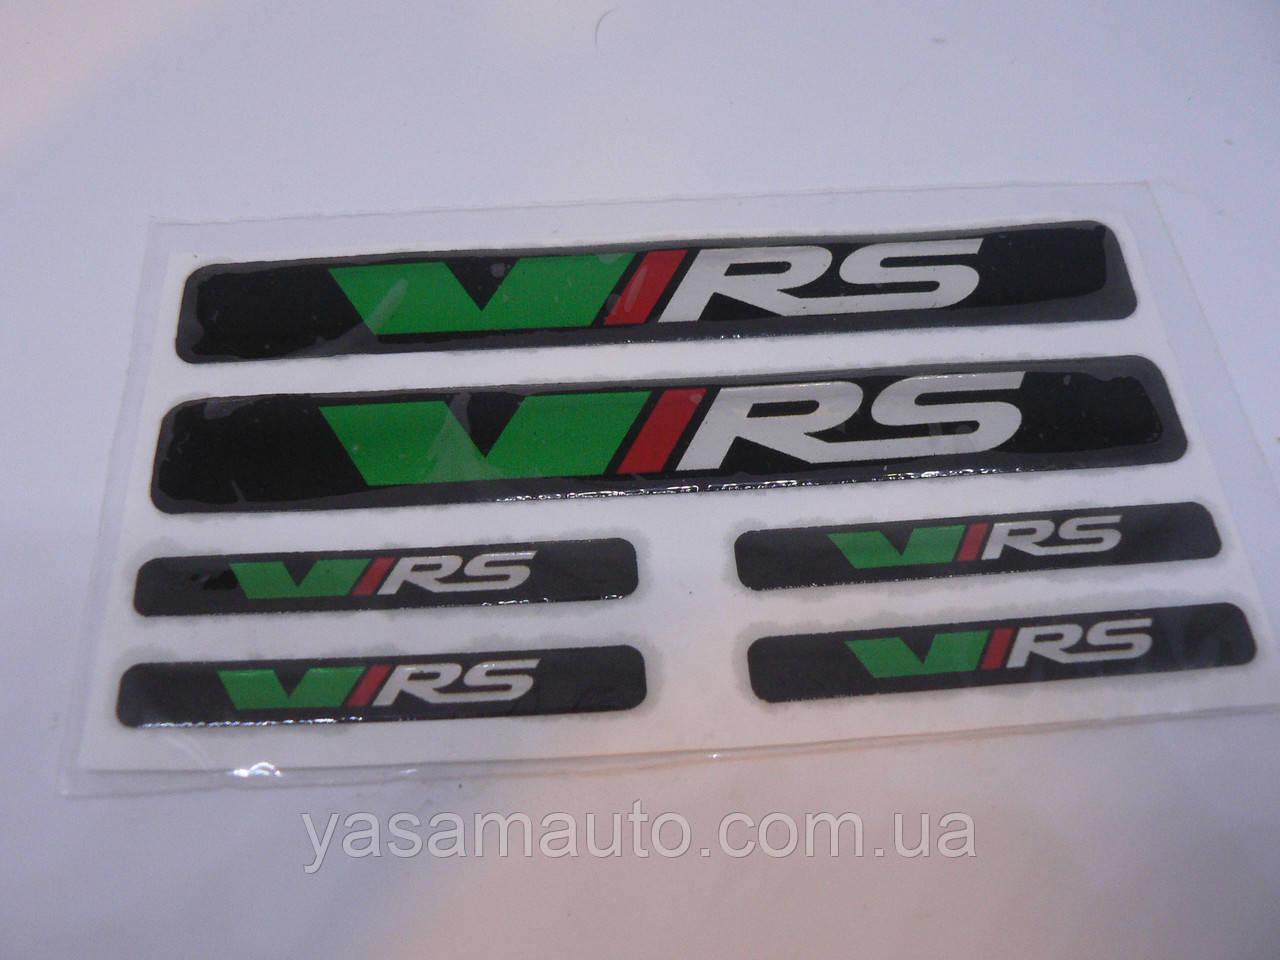 Наклейка s маленькая силиконовая надпись skoda V/RS полоски набор 6шт силикон на авто Шкода врс